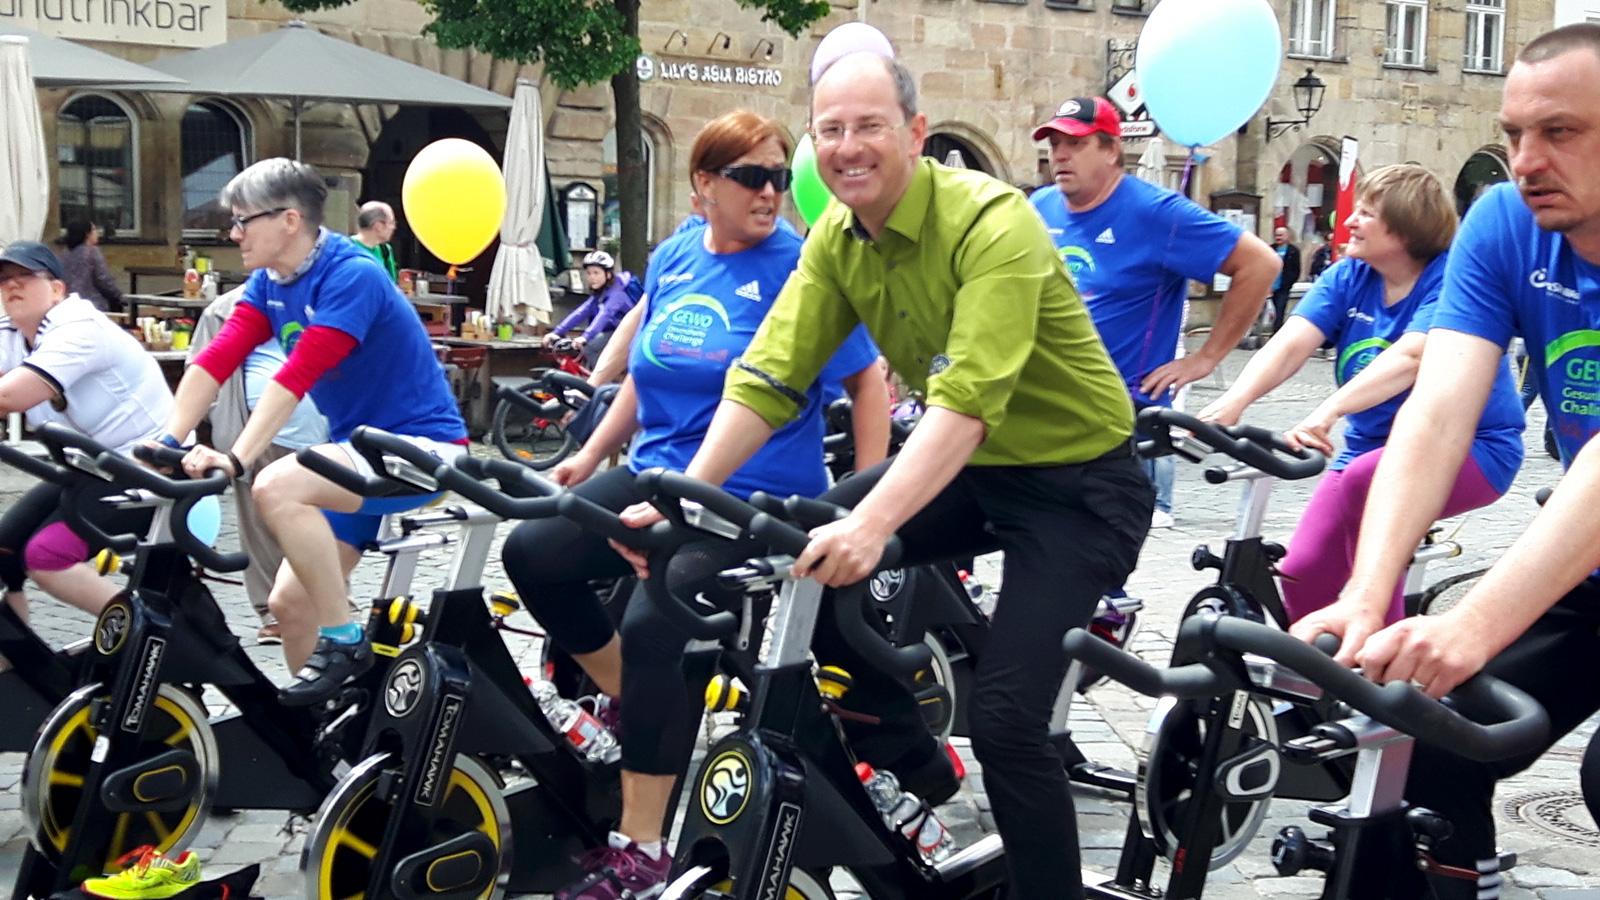 Radelte bei der Abschlussveranstaltung der Gesundheits-Challenge inklusiv mit: Lauf's 1. Bürgermeister Benedikt Bisping